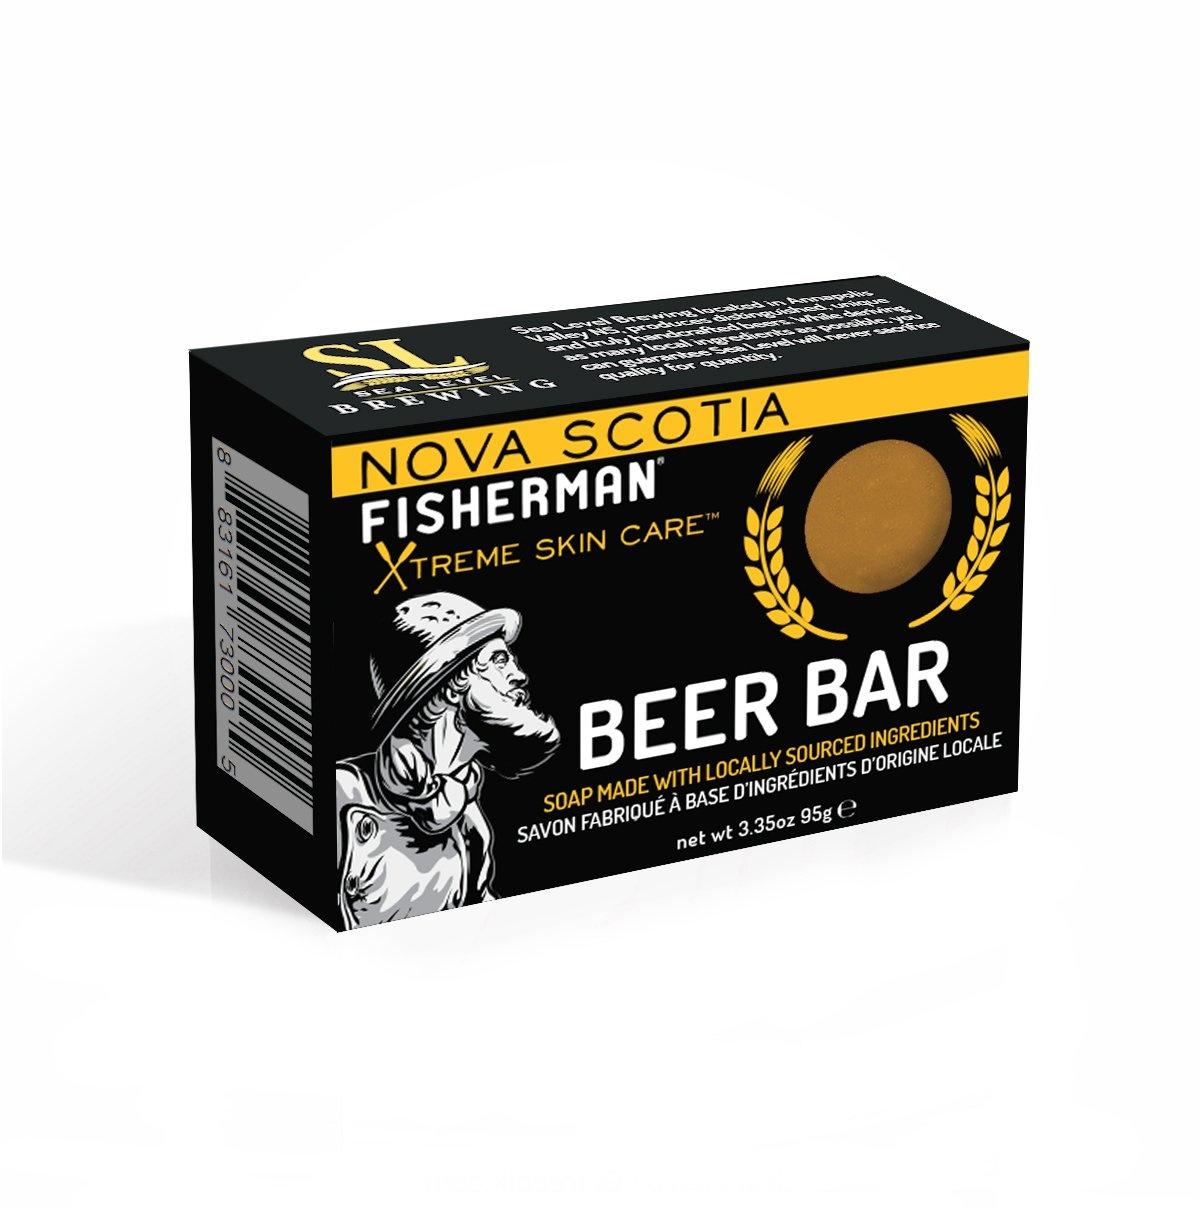 Nova Scotia Fisherman Nova Scotia Fisherman - Beer Soap Bar